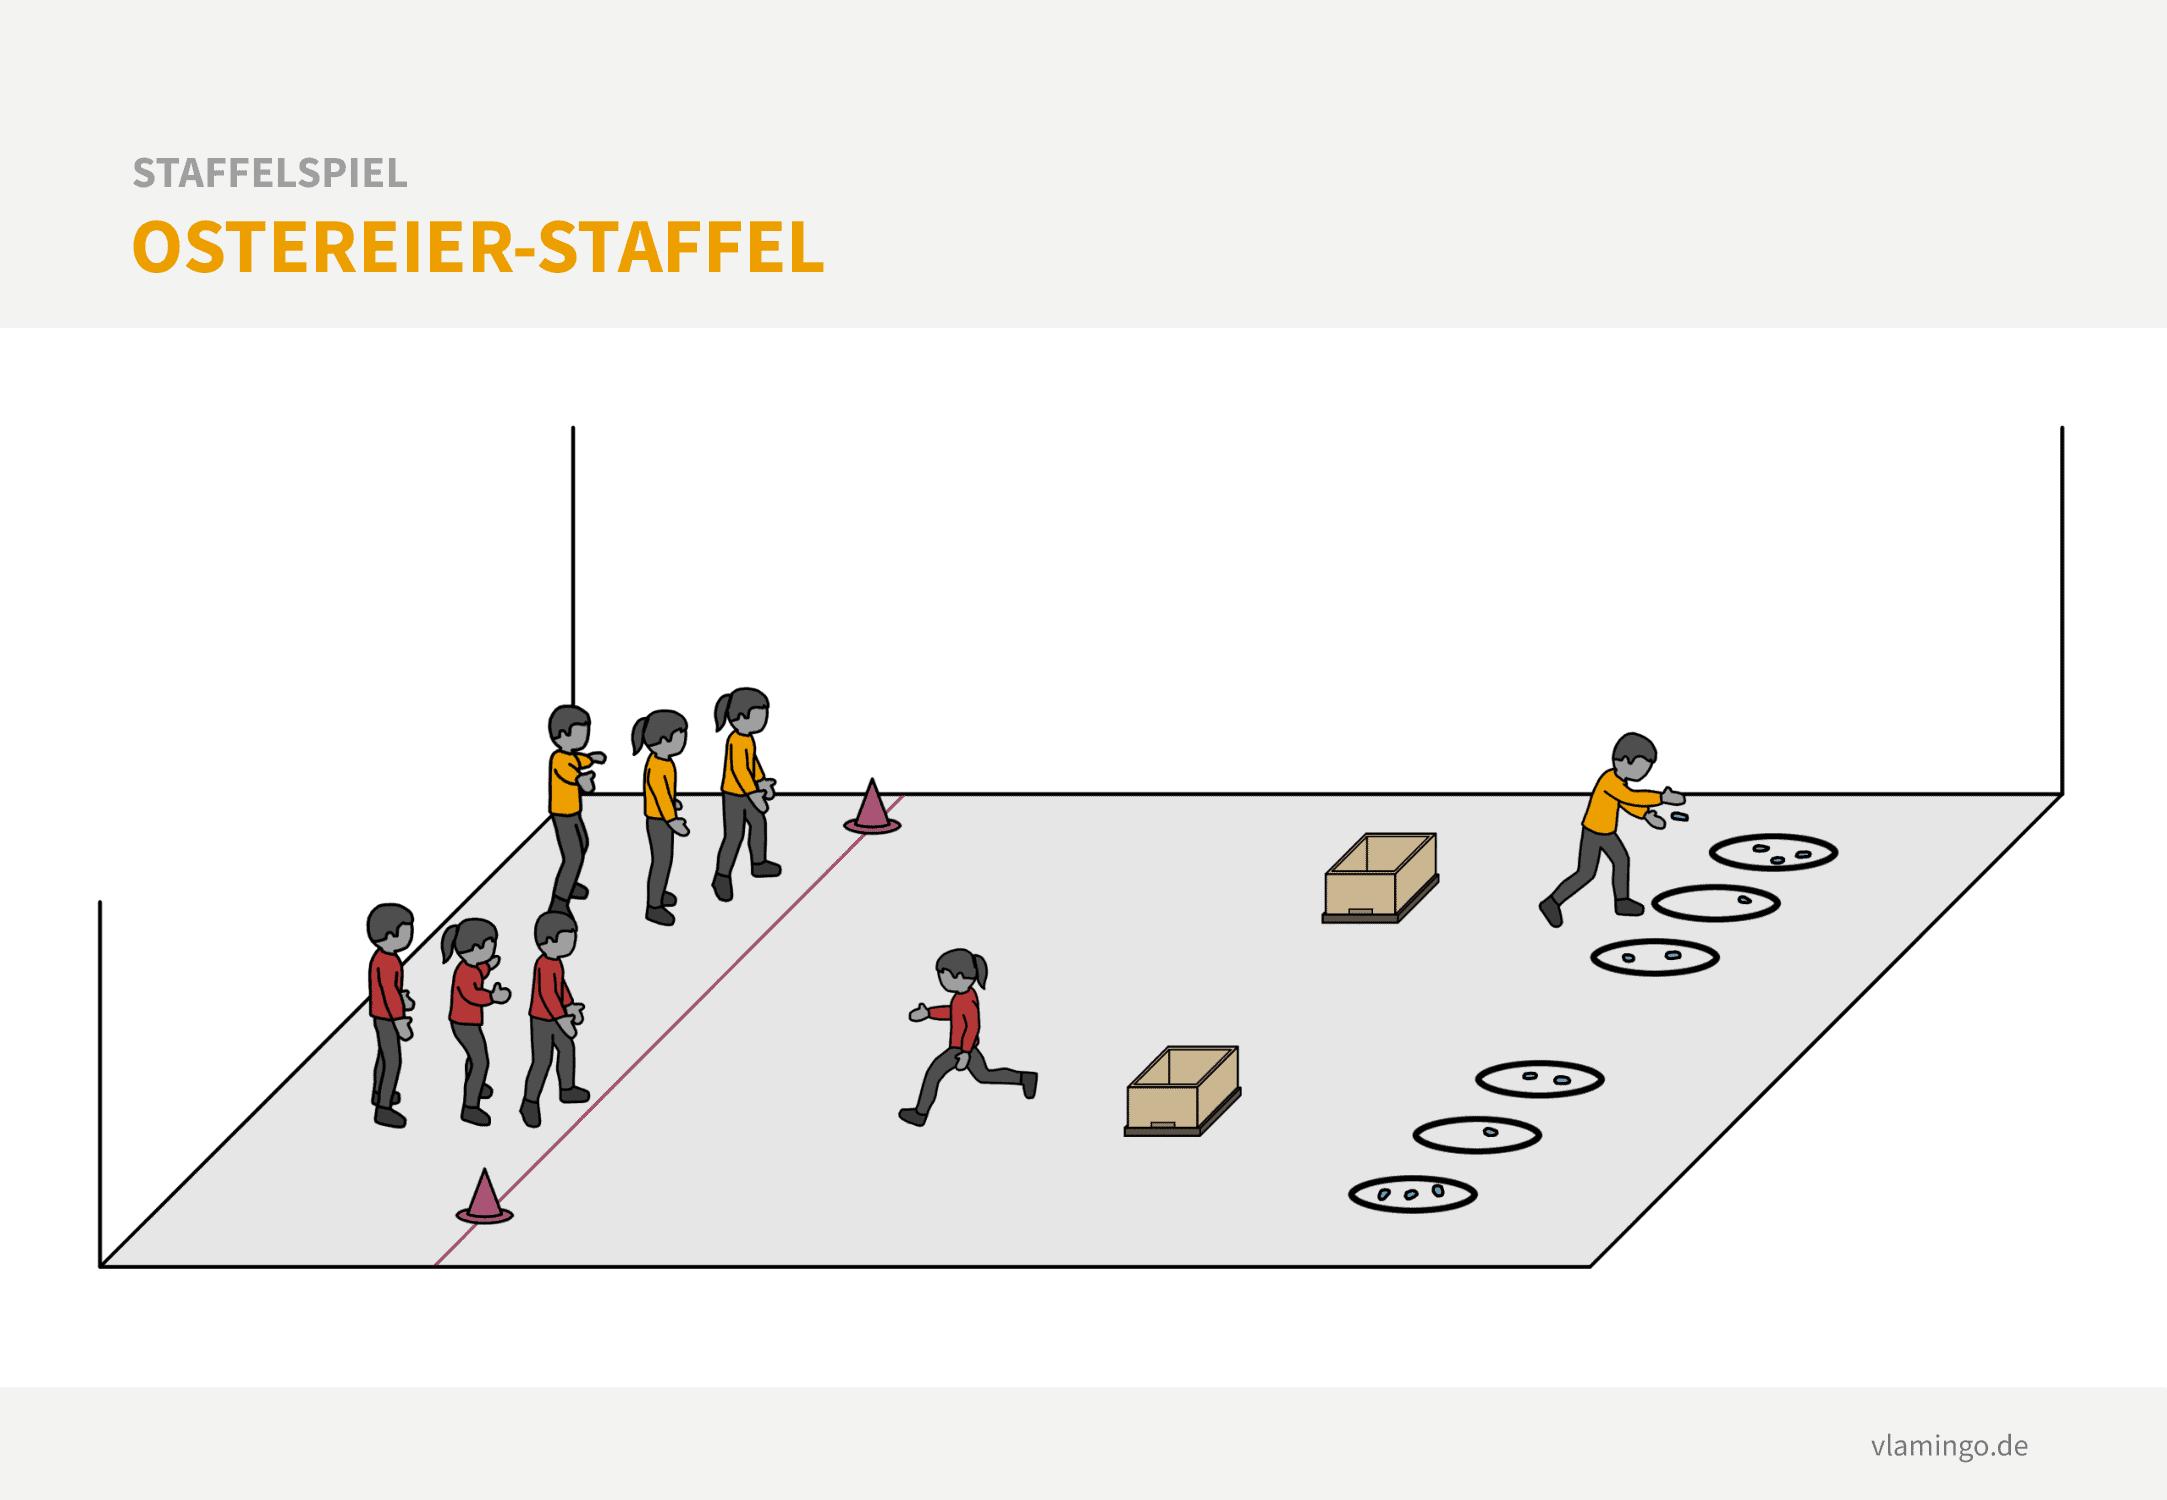 Staffelspiel - Ostereier-Staffel